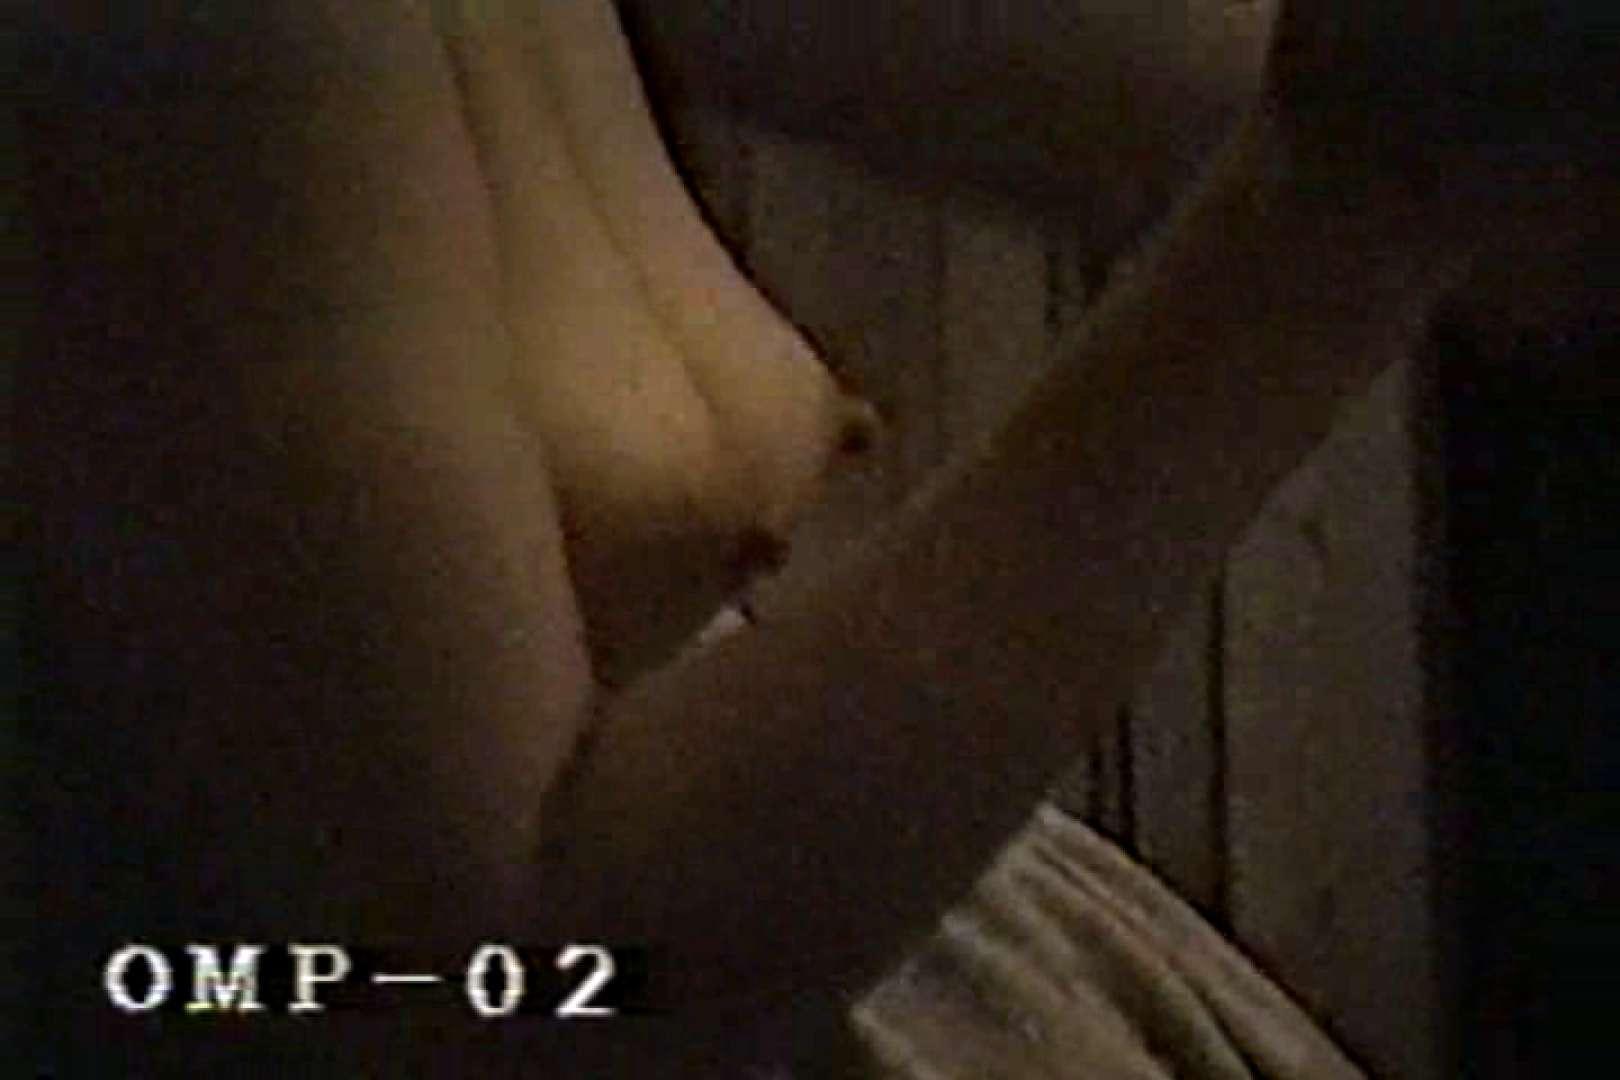 究極の民家覗き撮りVol.2 覗き セックス画像 50pic 45